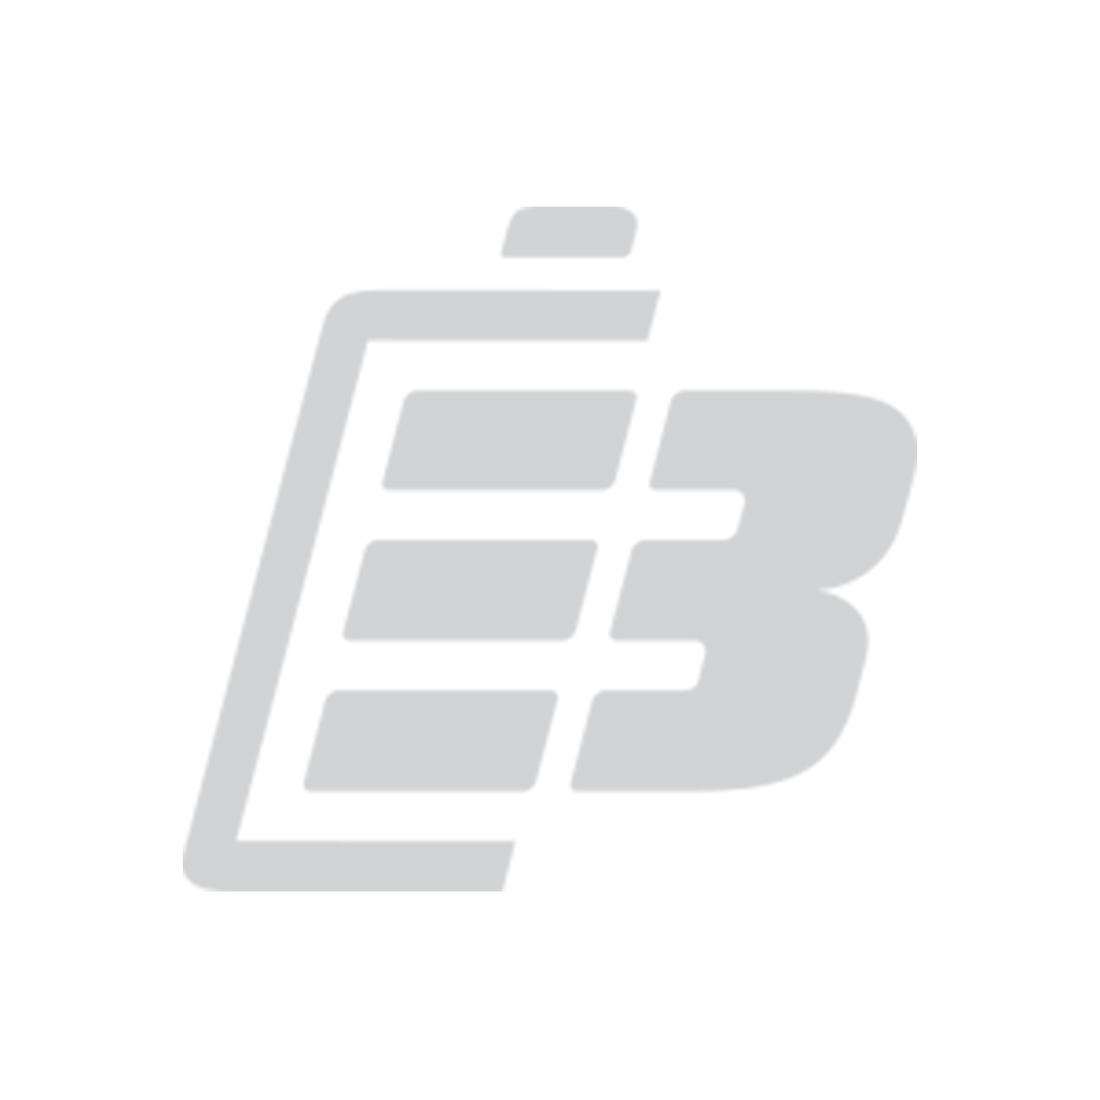 Μπαταρία raid controler Dell Poweredge PERC5e_1